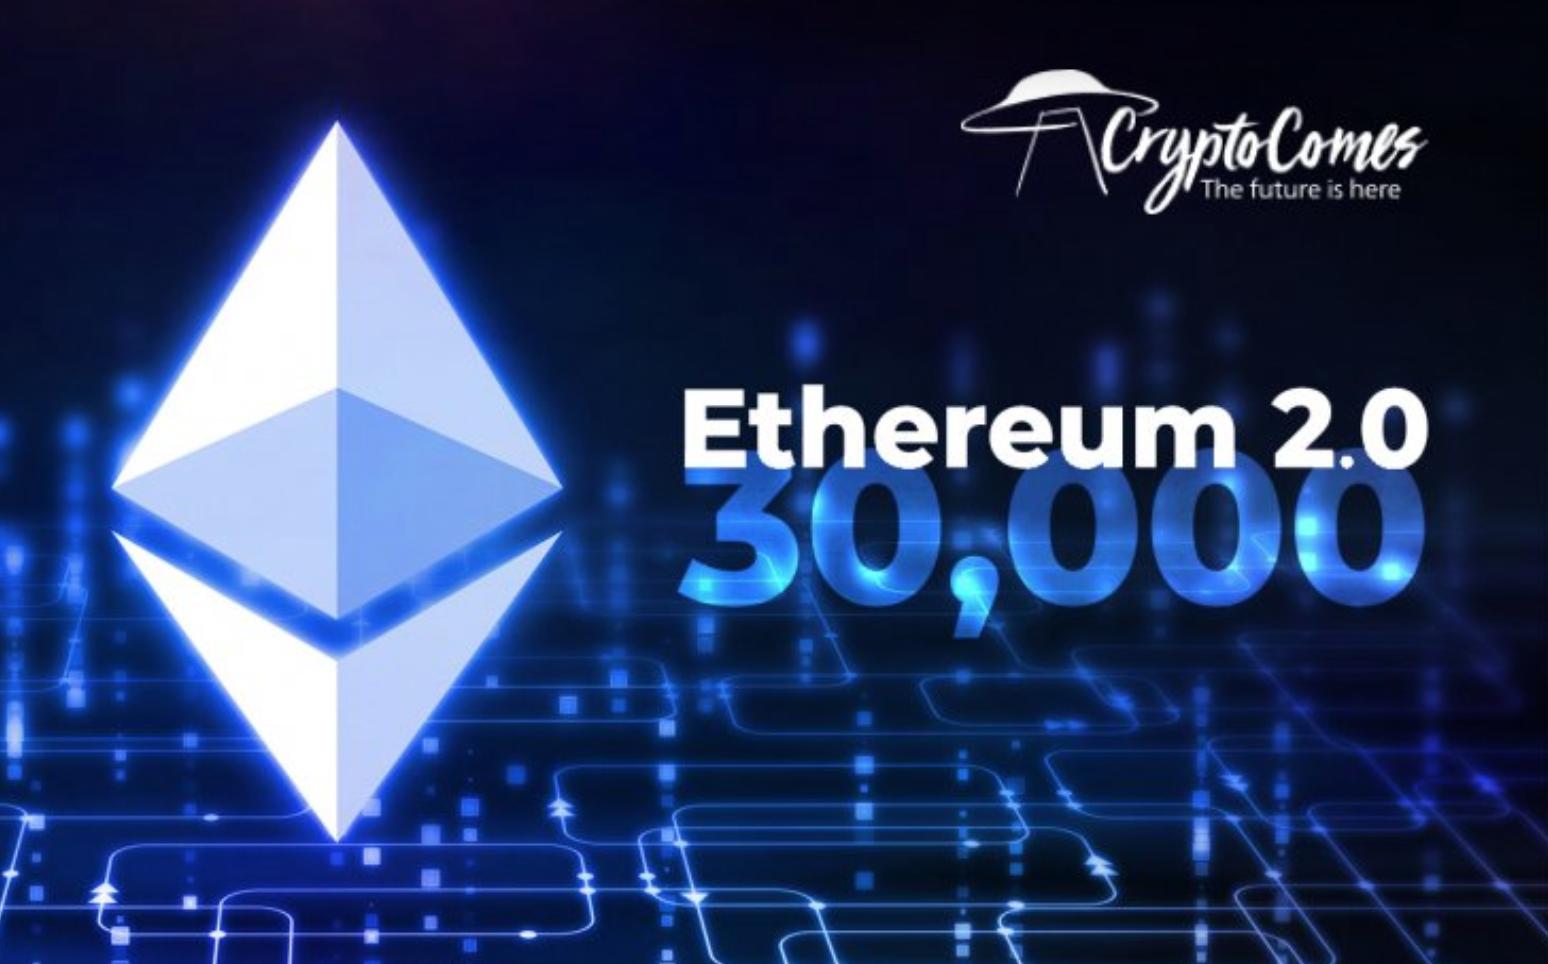 Ethereum koers naar 30000